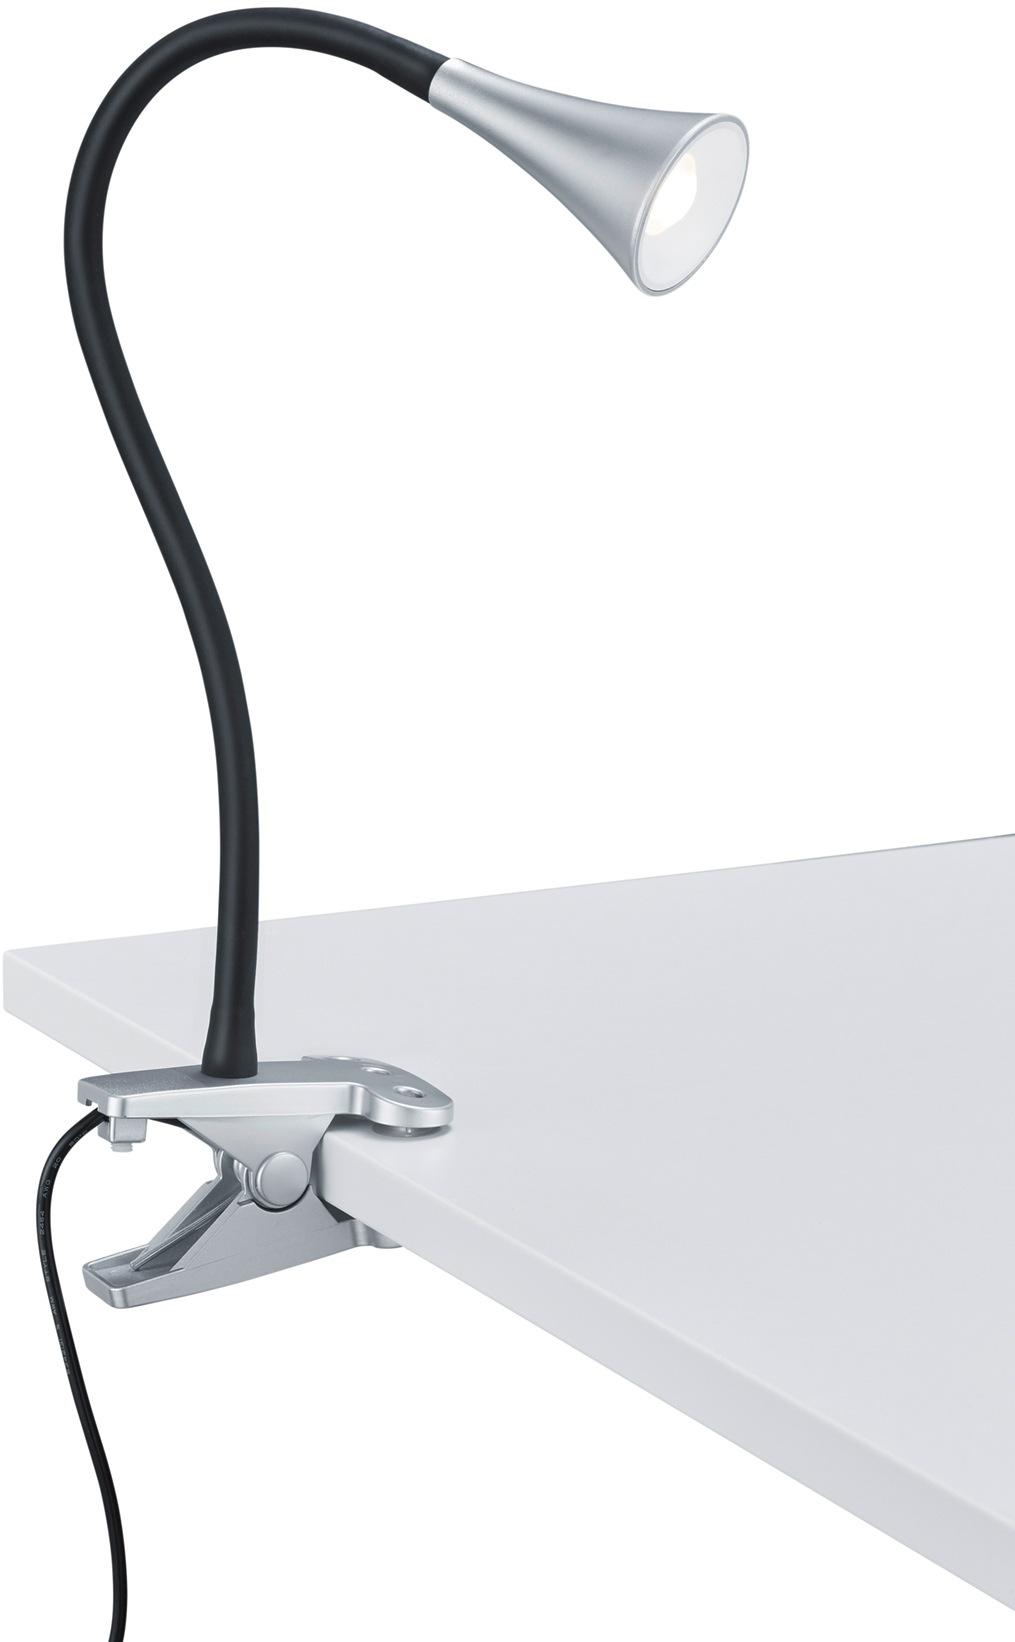 TRIO LeuchtenLED KlemmleuchteVIPER Wohnen/Accessoires & Leuchten/Lampen & Leuchten/Leselampen